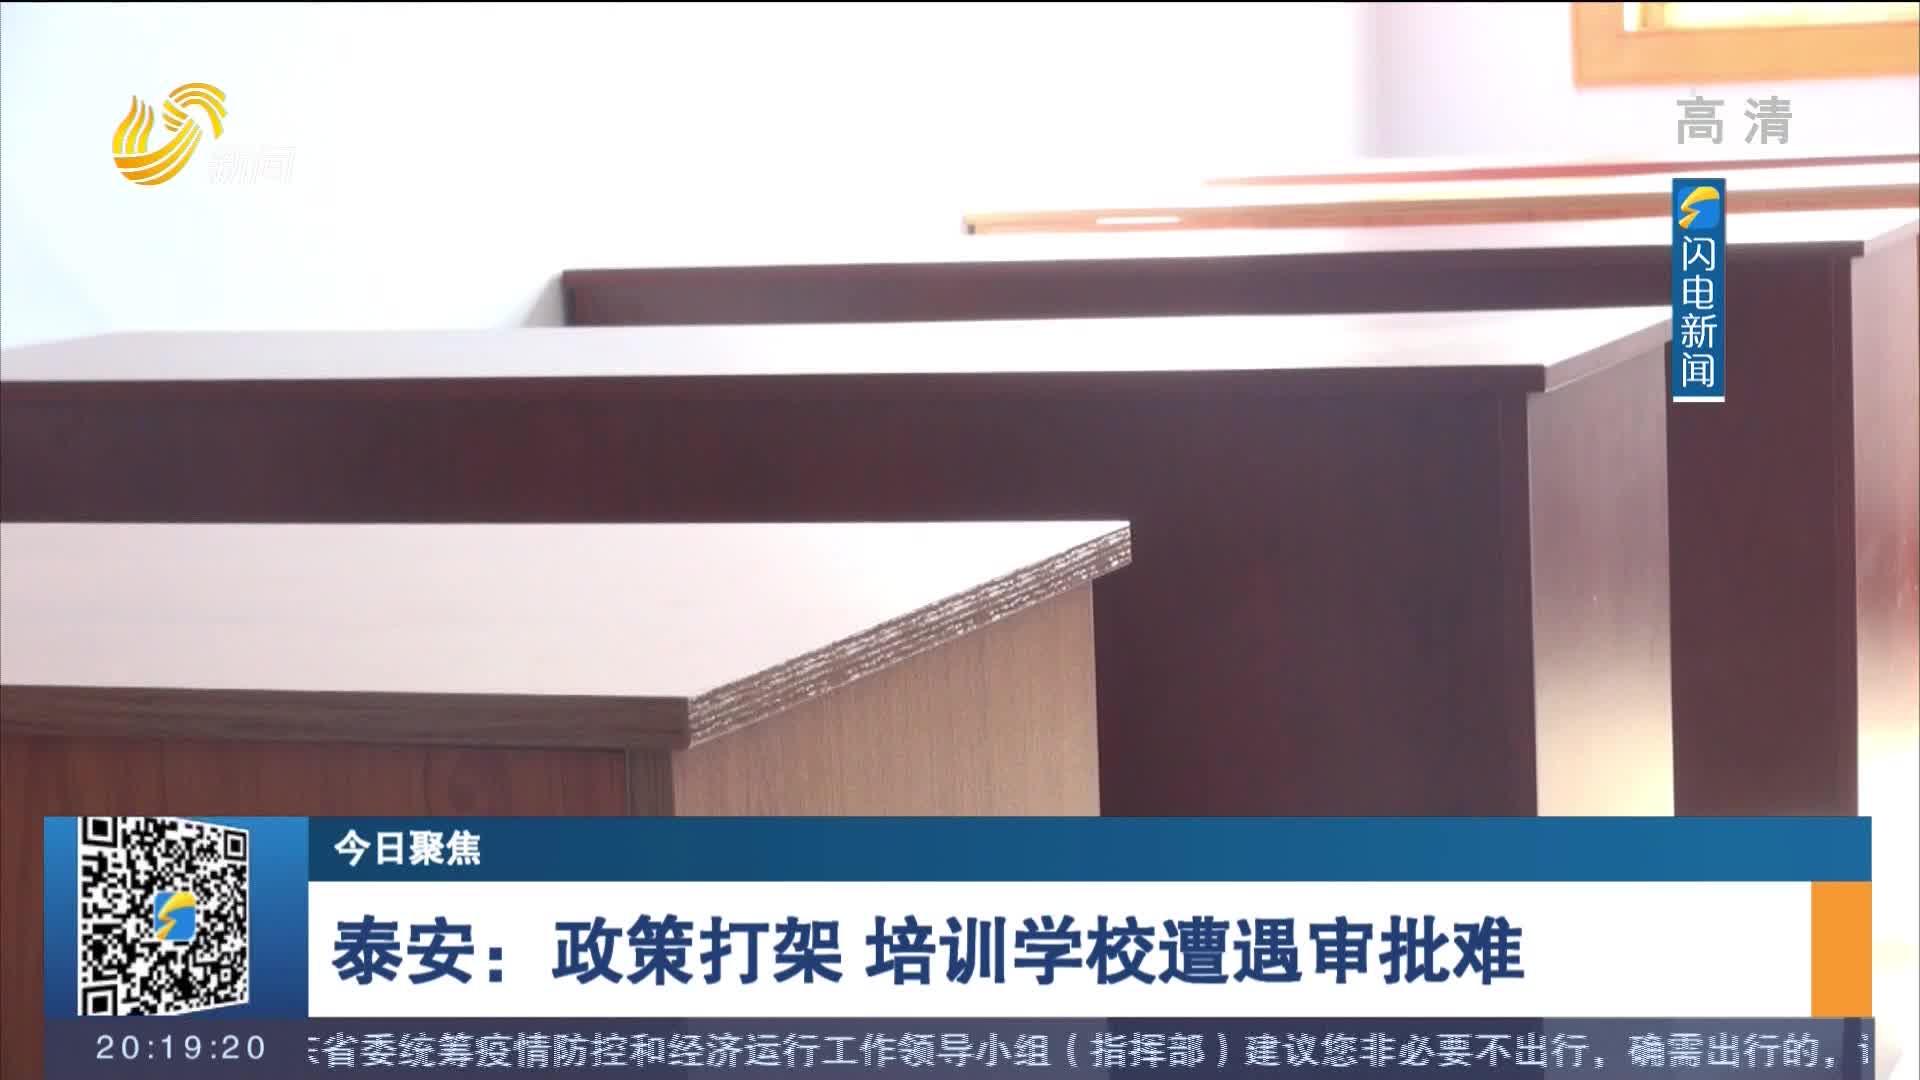 【今日聚焦】泰安:政策打架 培训学校遭遇审批难